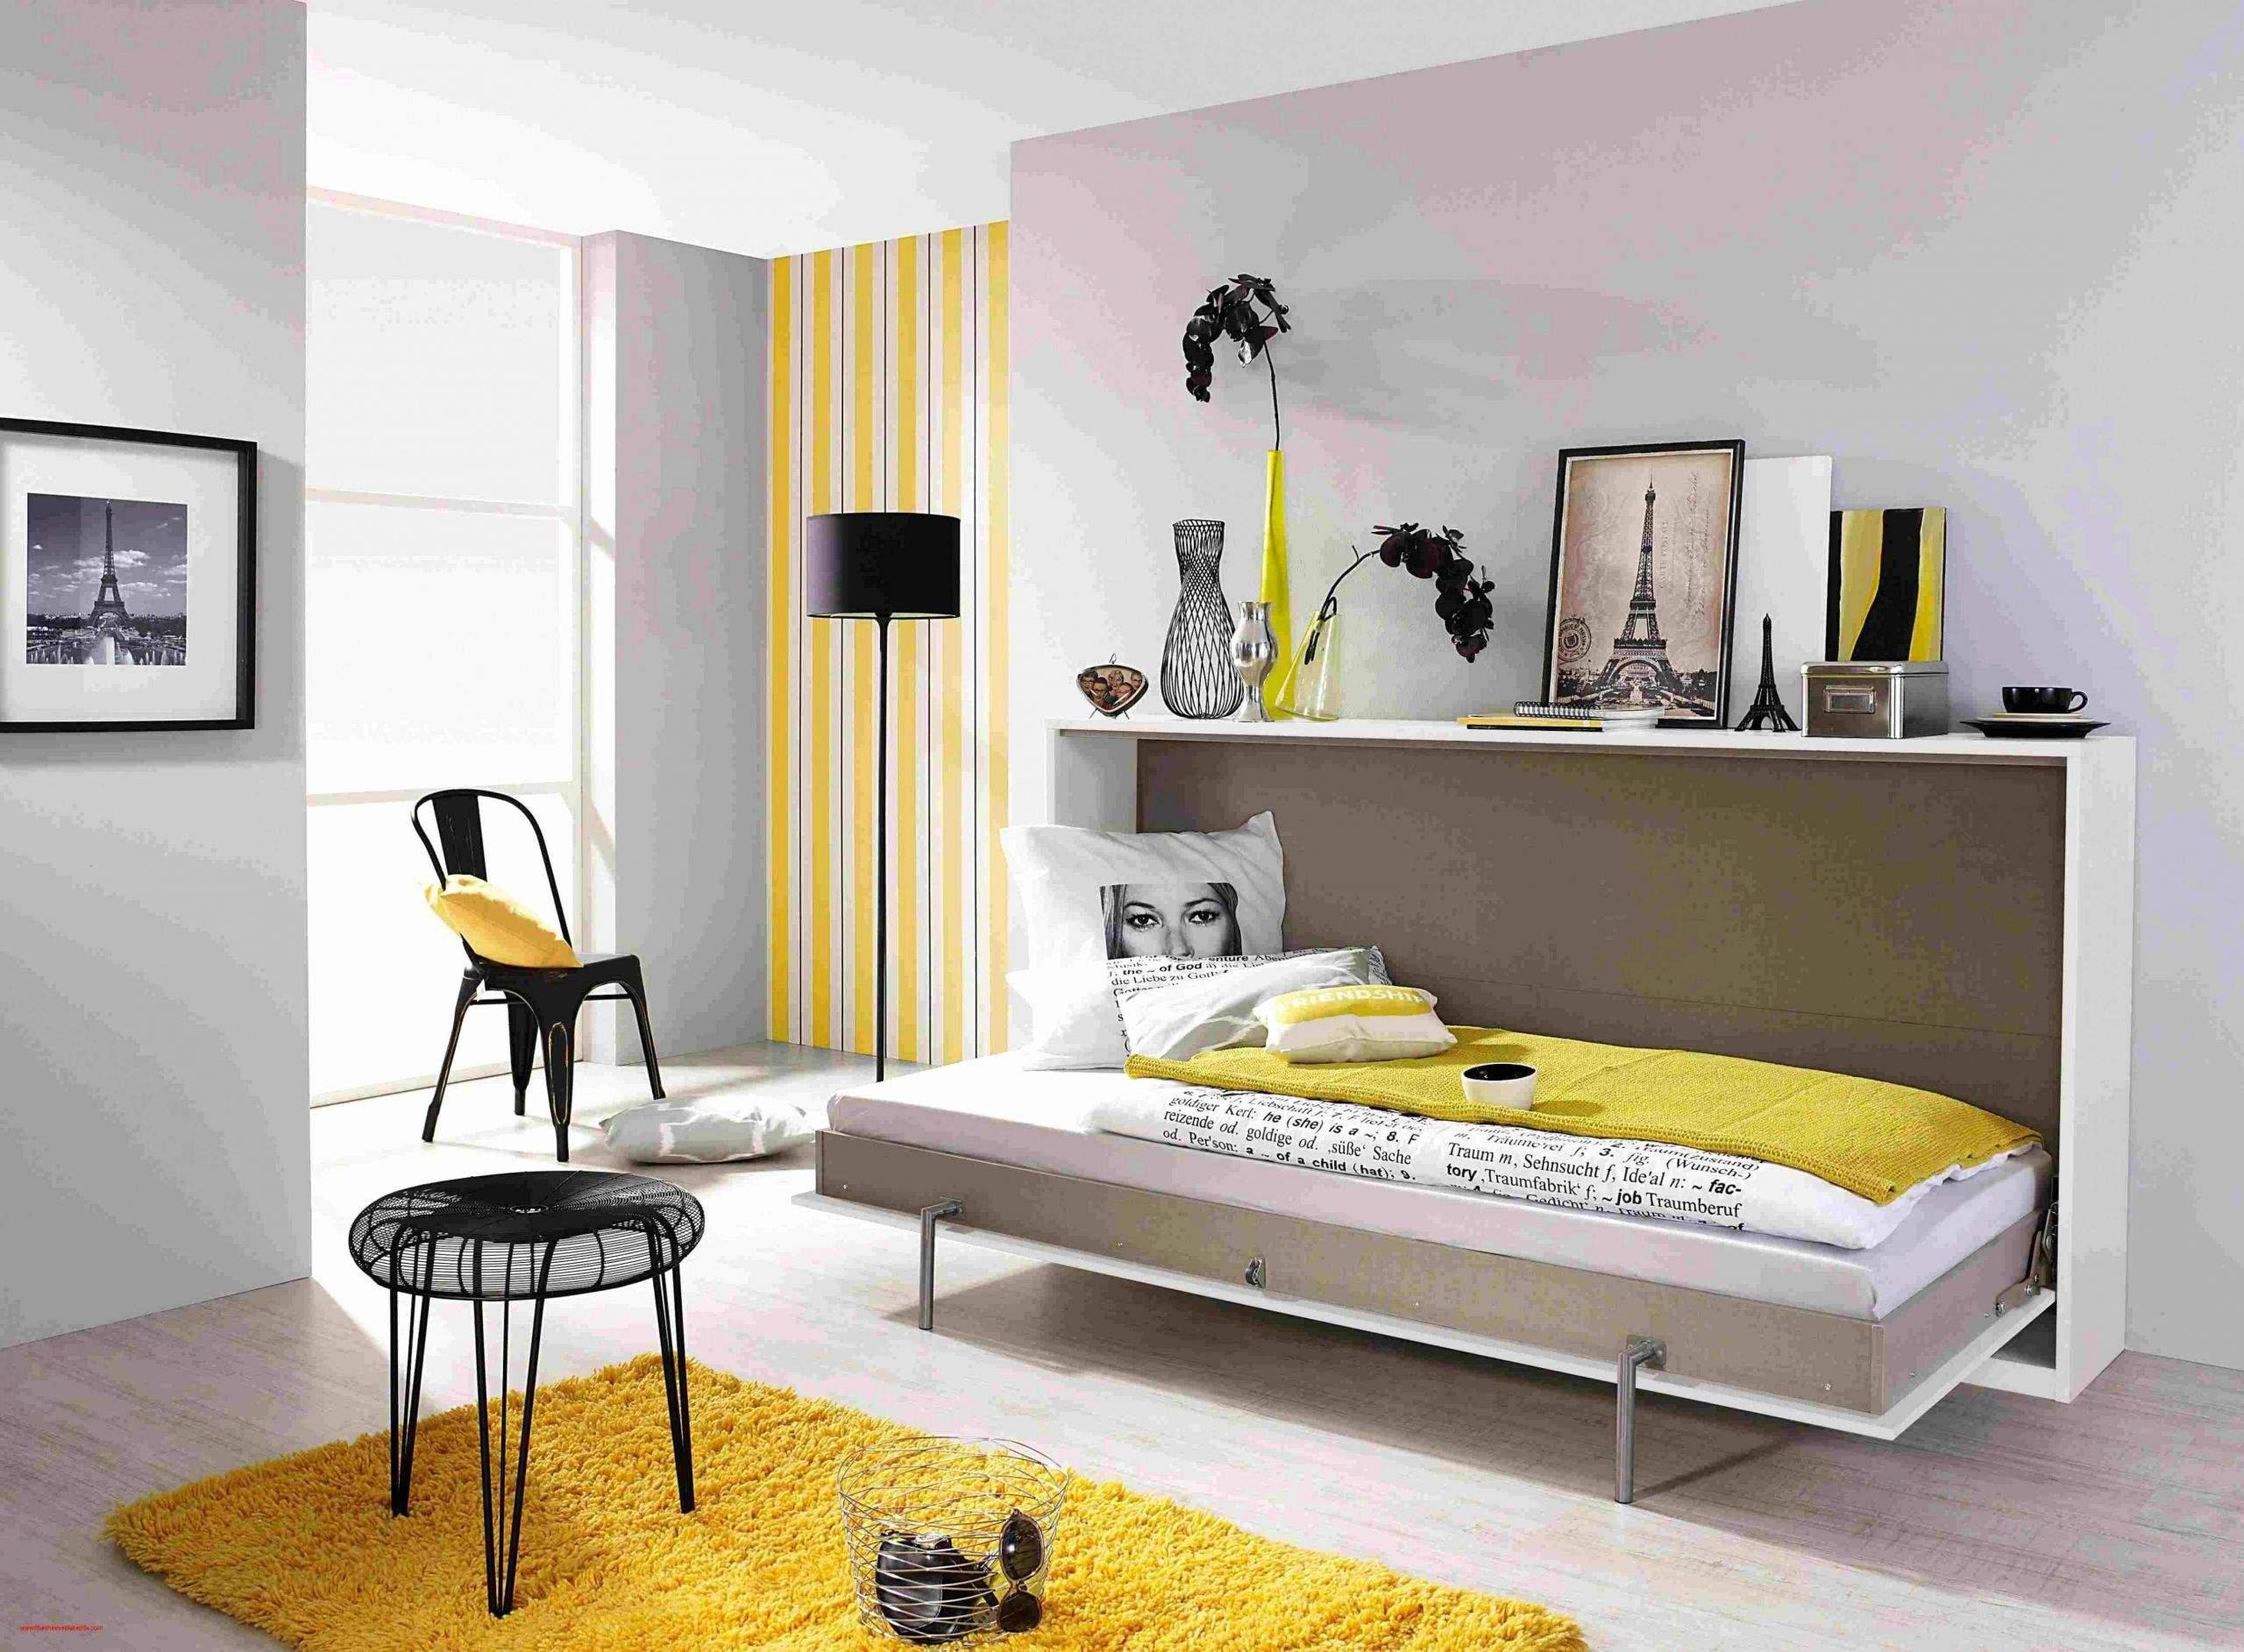 hoffner wohnzimmer einzigartig mobel wohnzimmer modern neu 35 moderne landscape tv mobel of hoffner wohnzimmer scaled